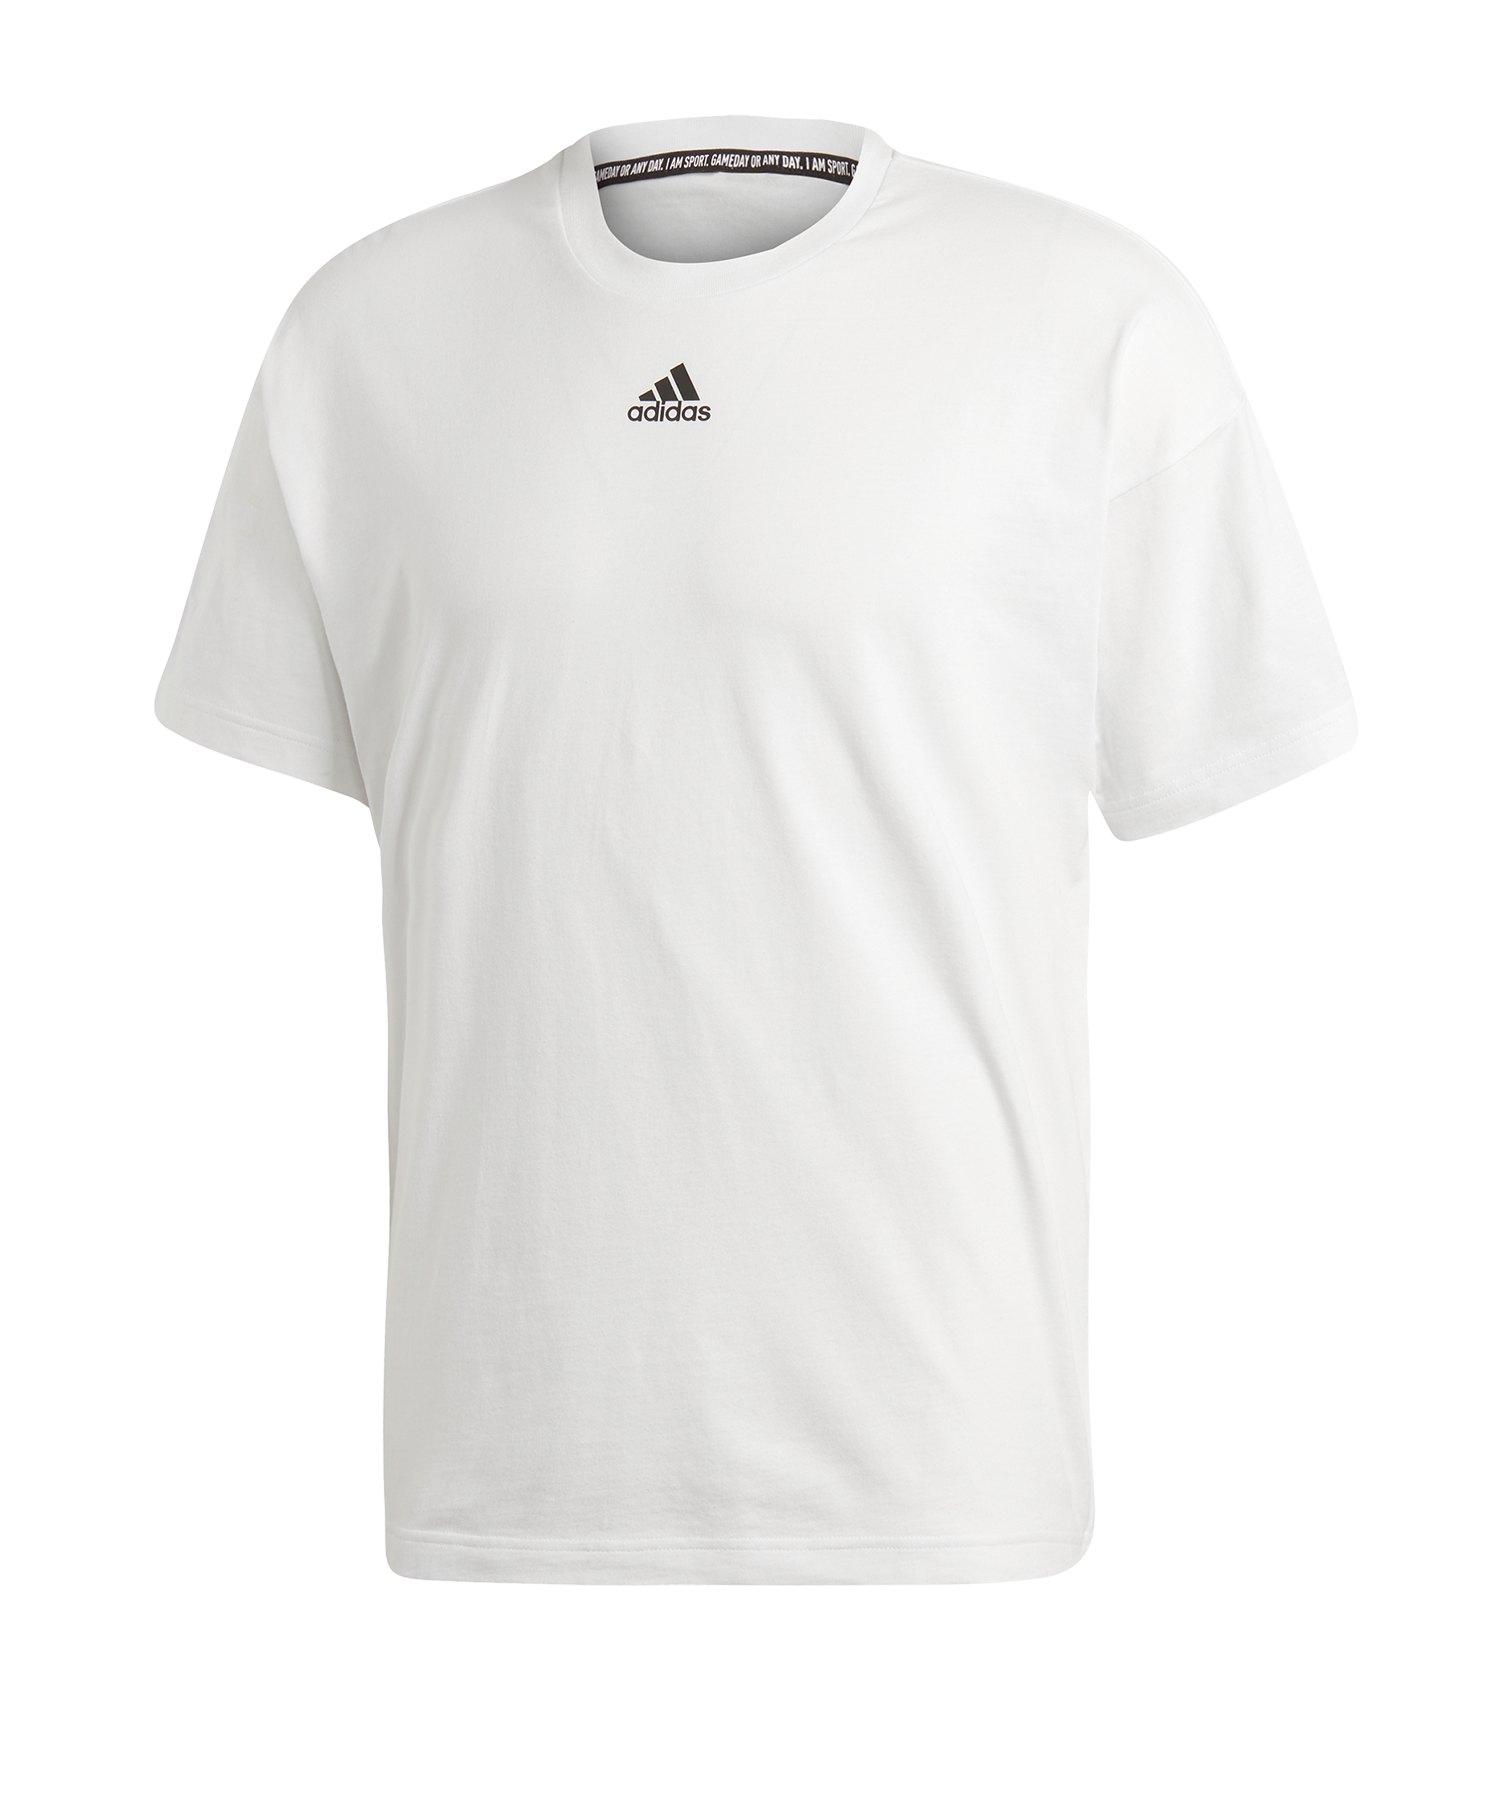 adidas 3S Tee T-Shirt Weiss Schwarz - weiss